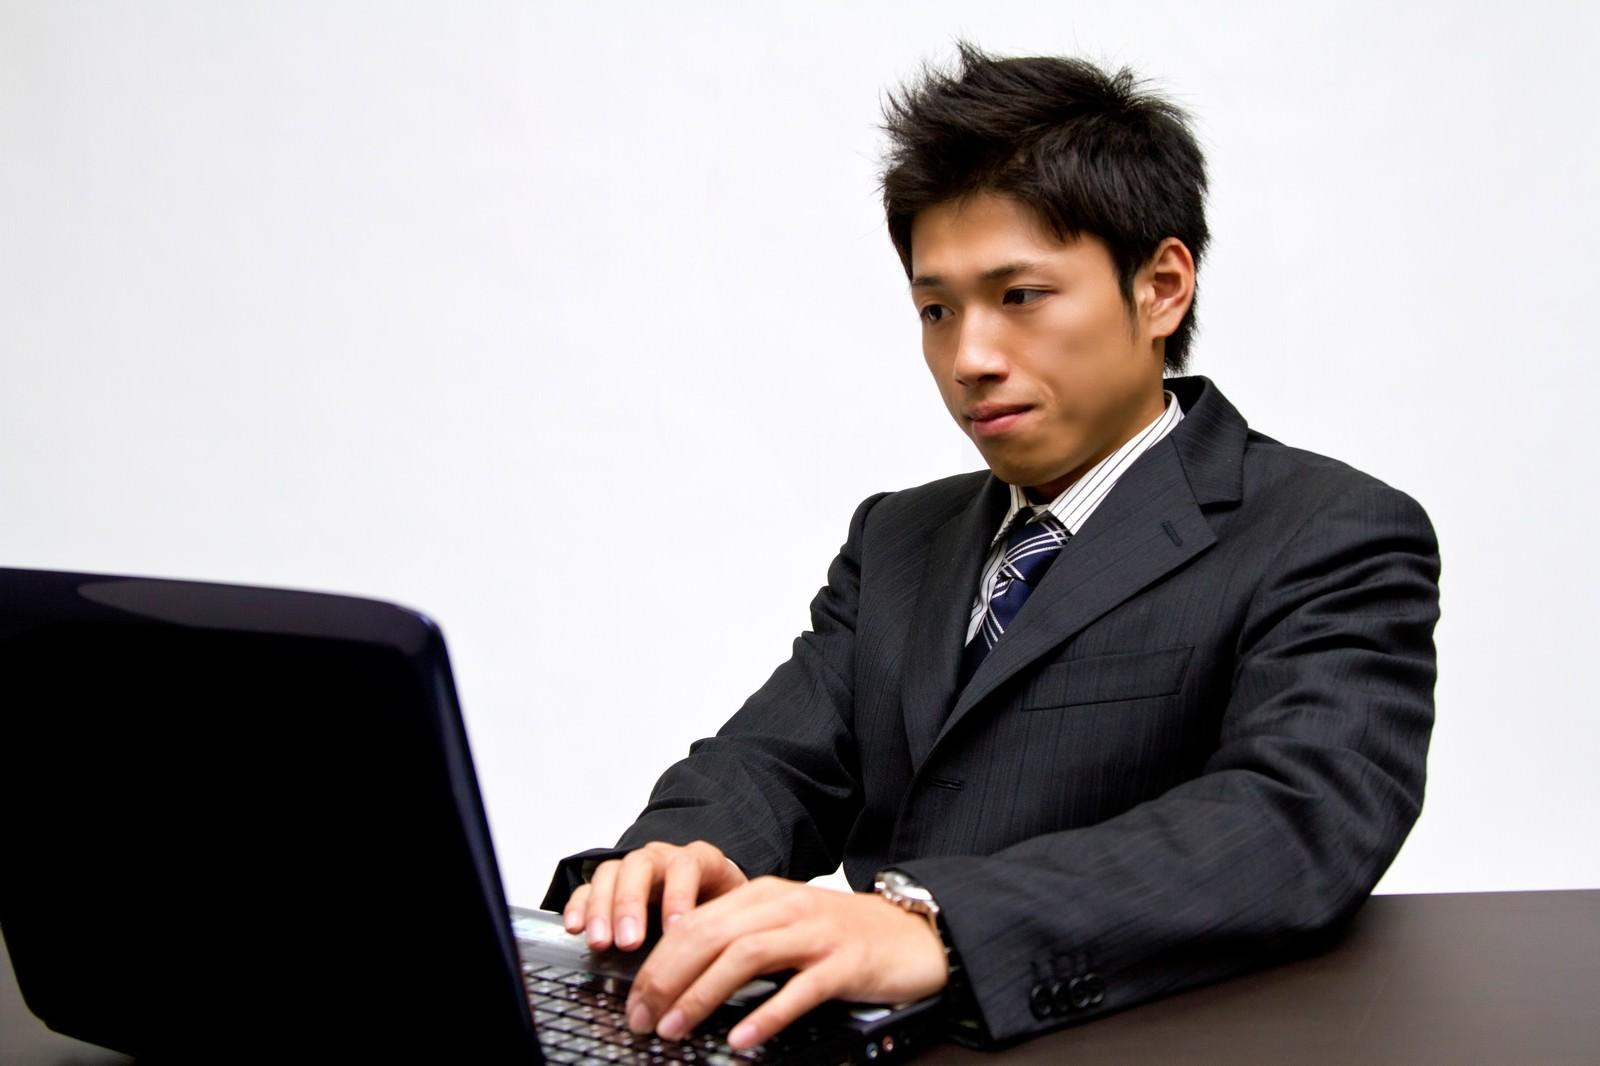 「ノートパソコンで作業中のビジネスマン」の写真[モデル:恭平]